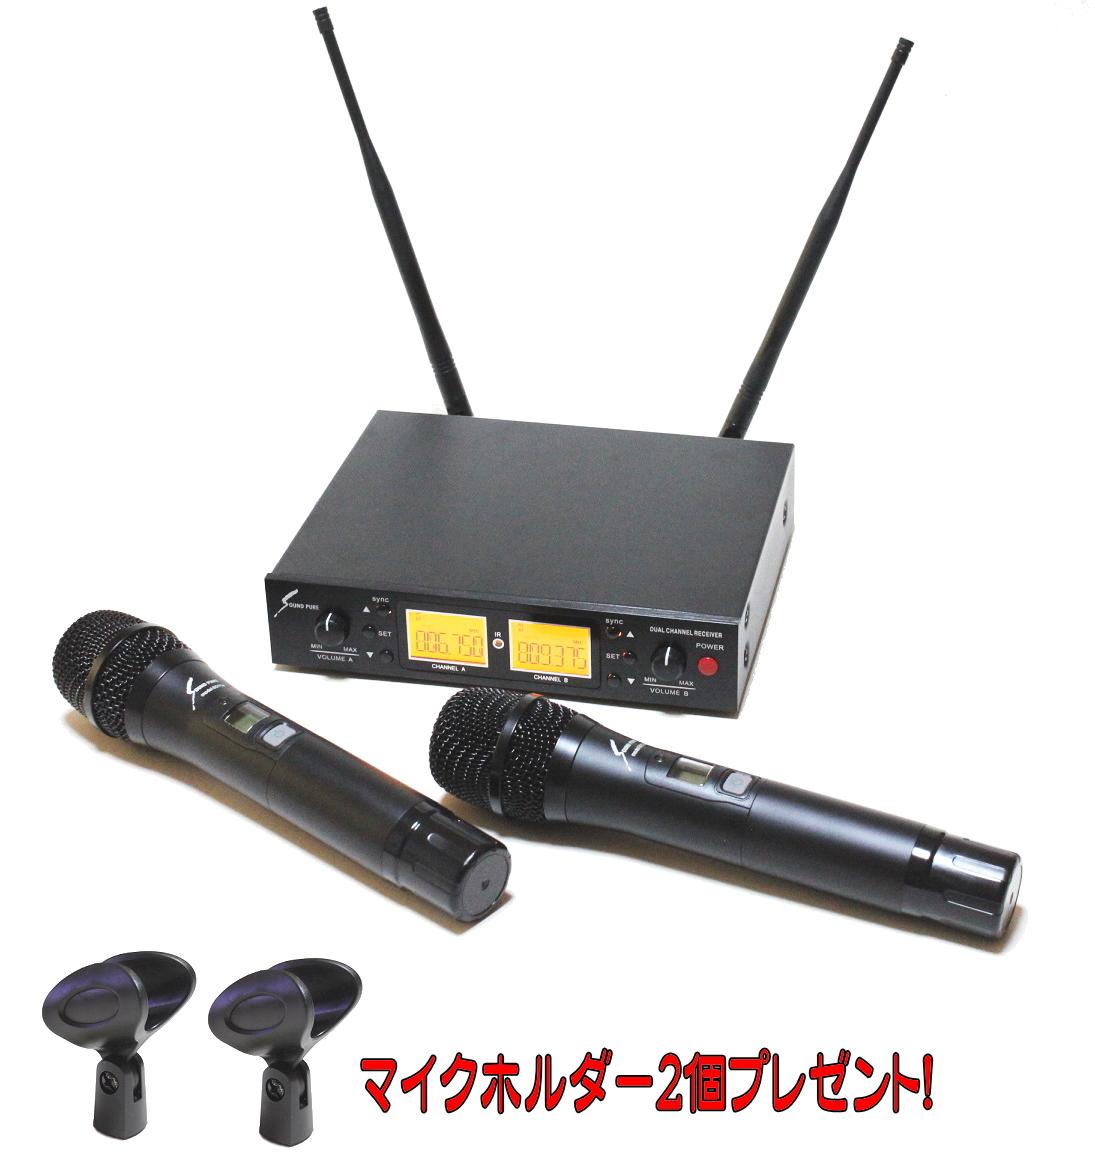 SOUND PURE SPH80112-VDUAL サウンドピュア ワイヤレス マイク2本 受信機セット販売純正マイクホルダー2個プレゼント!